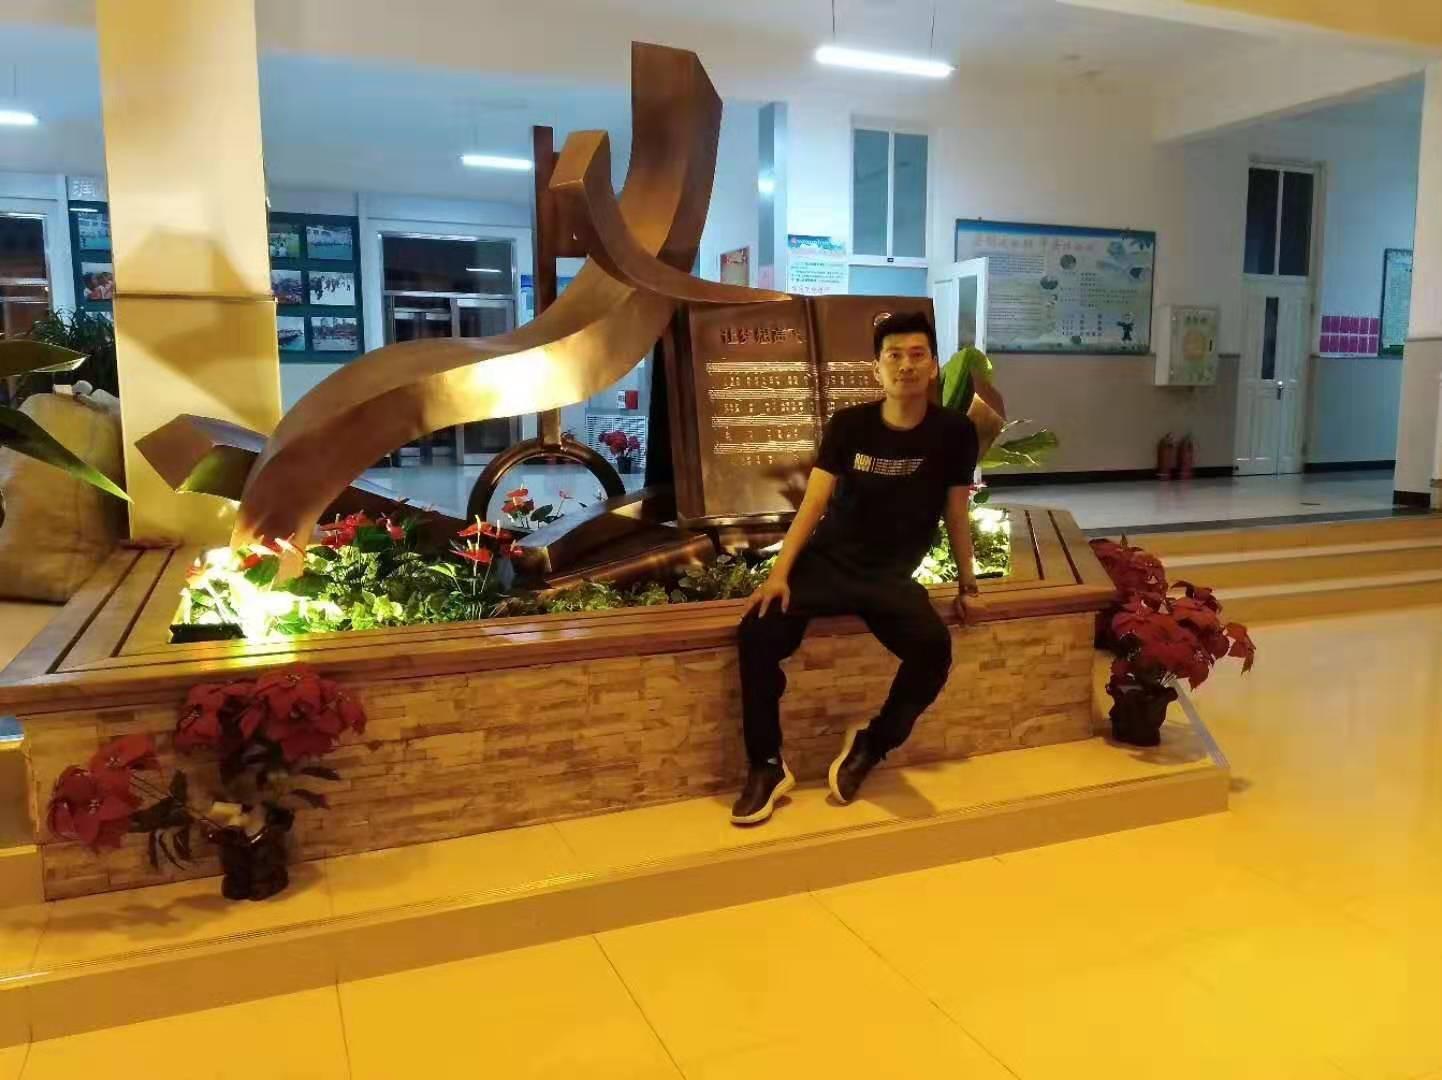 哈尔滨市第七中学主题雕塑4